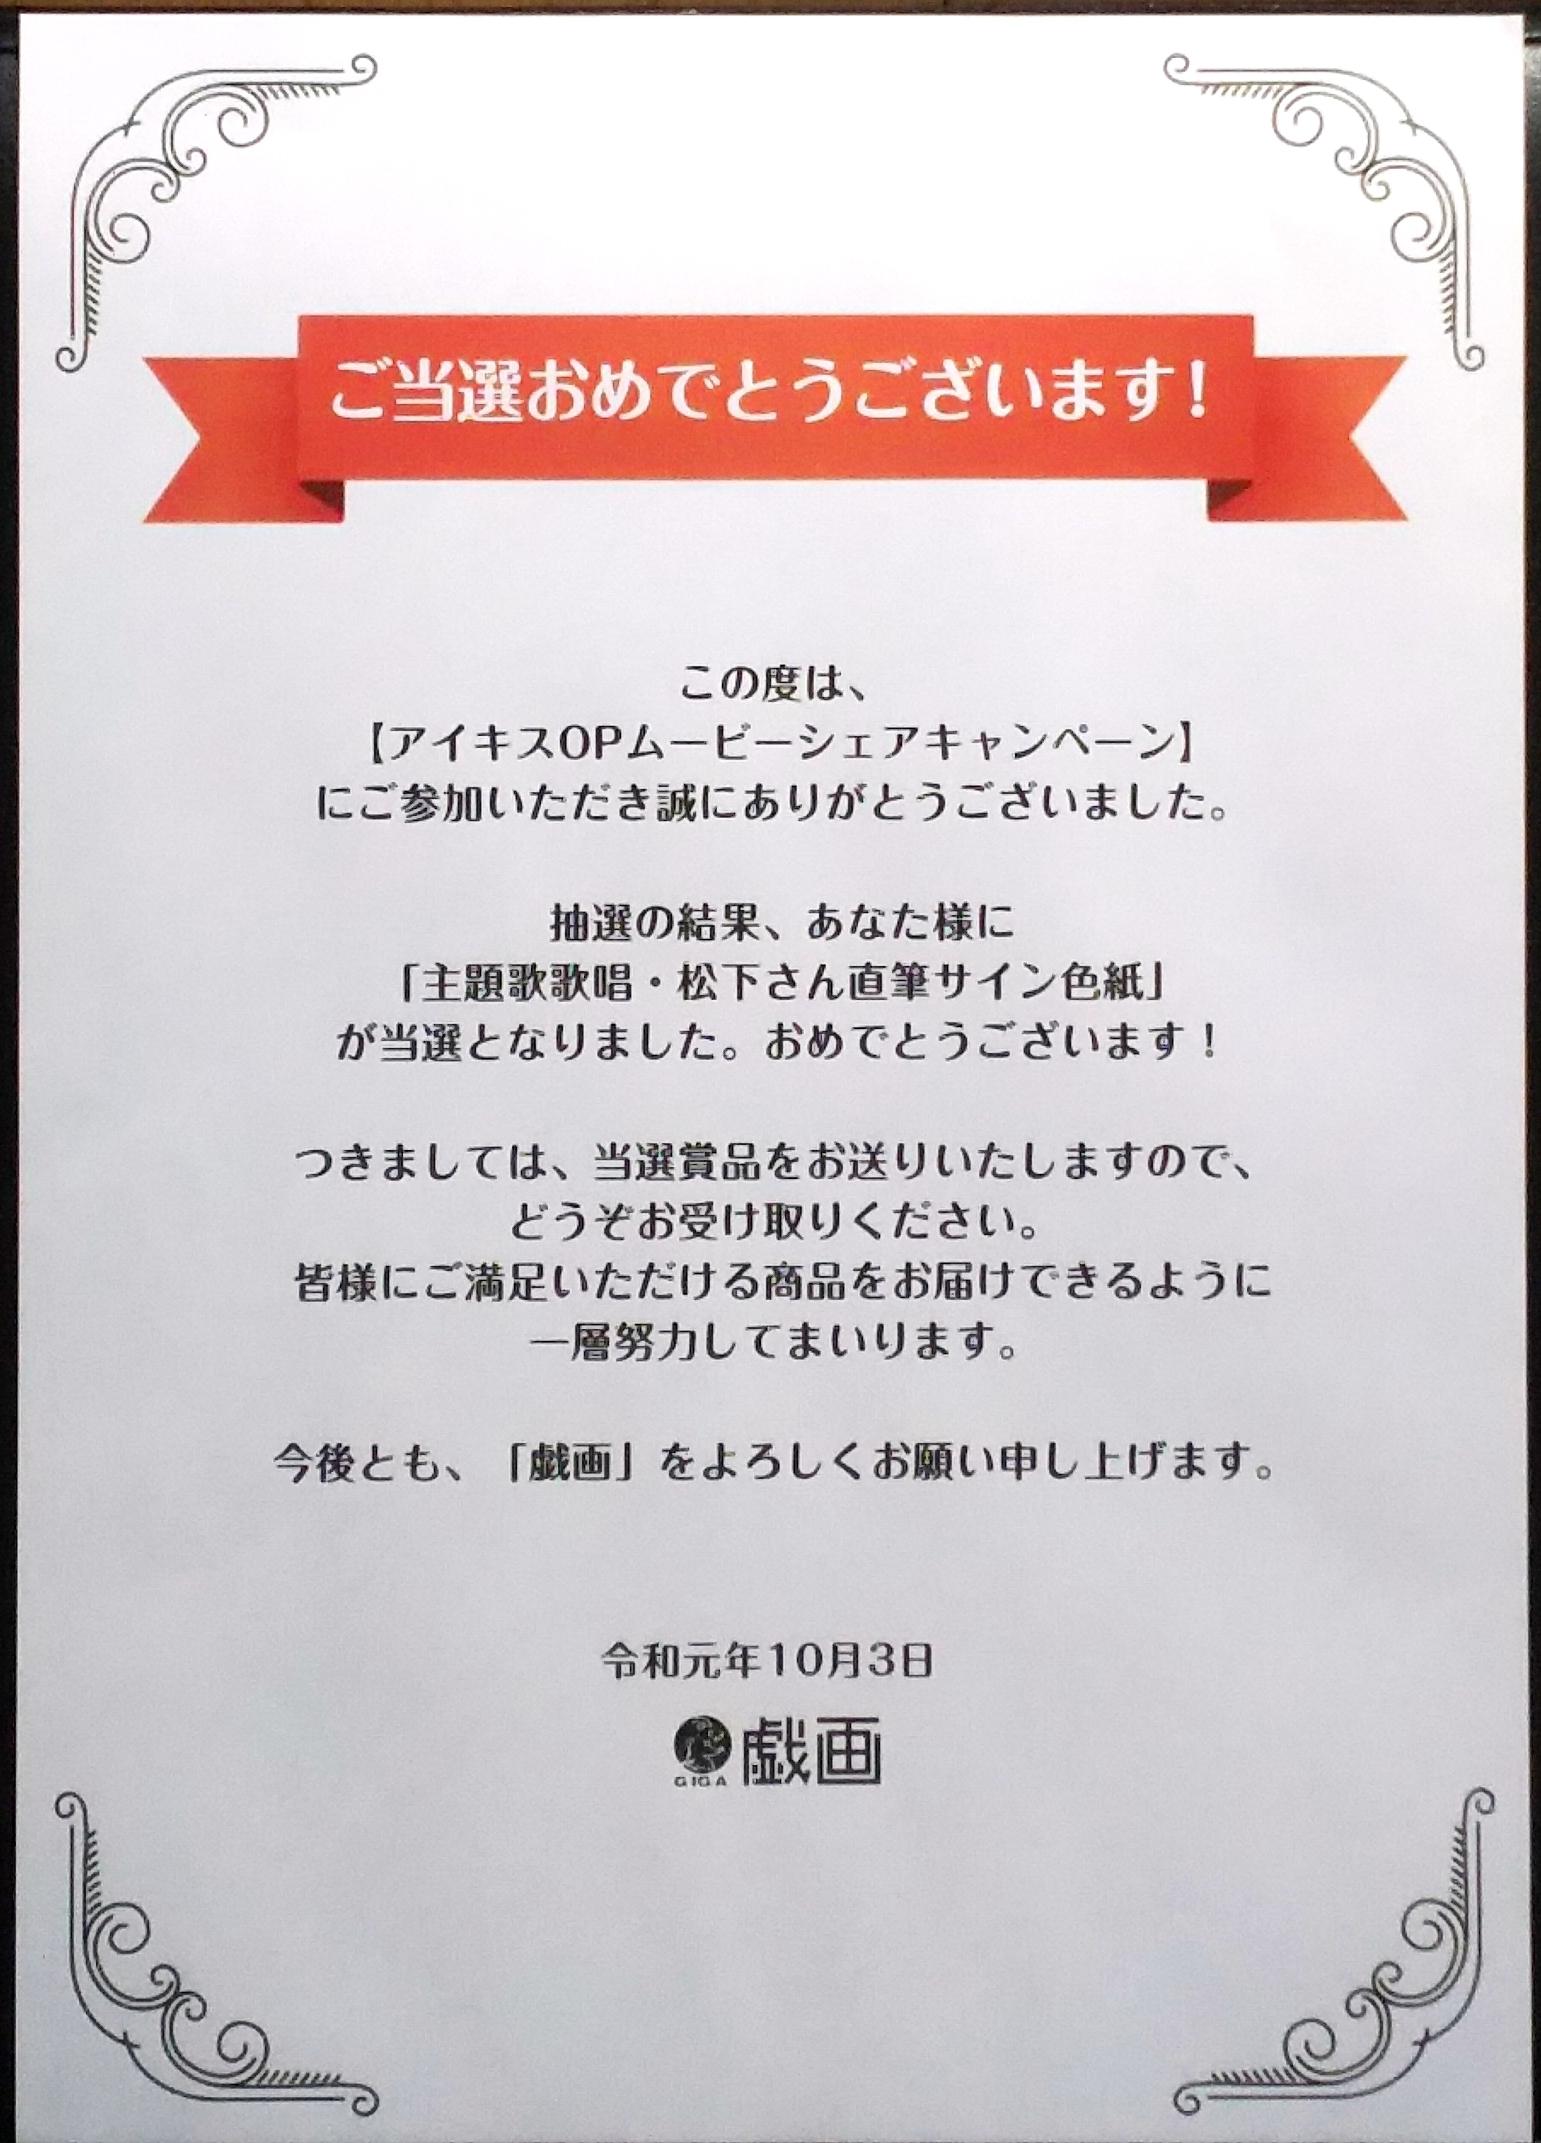 DSC_0019_Fotor.jpg